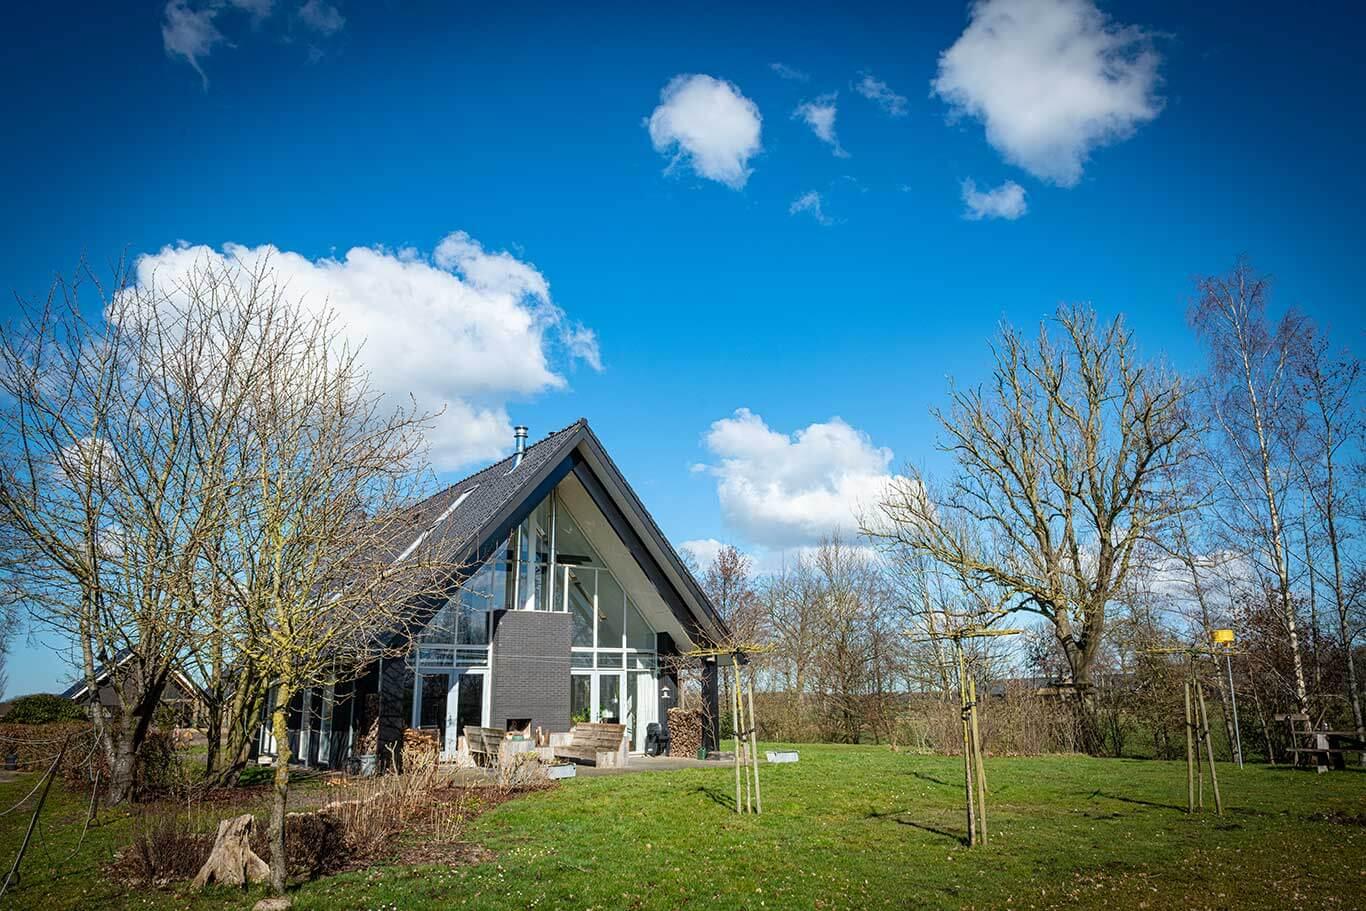 hesselmann-oldeberkoop-woonhuis-exterieur-1.jpg